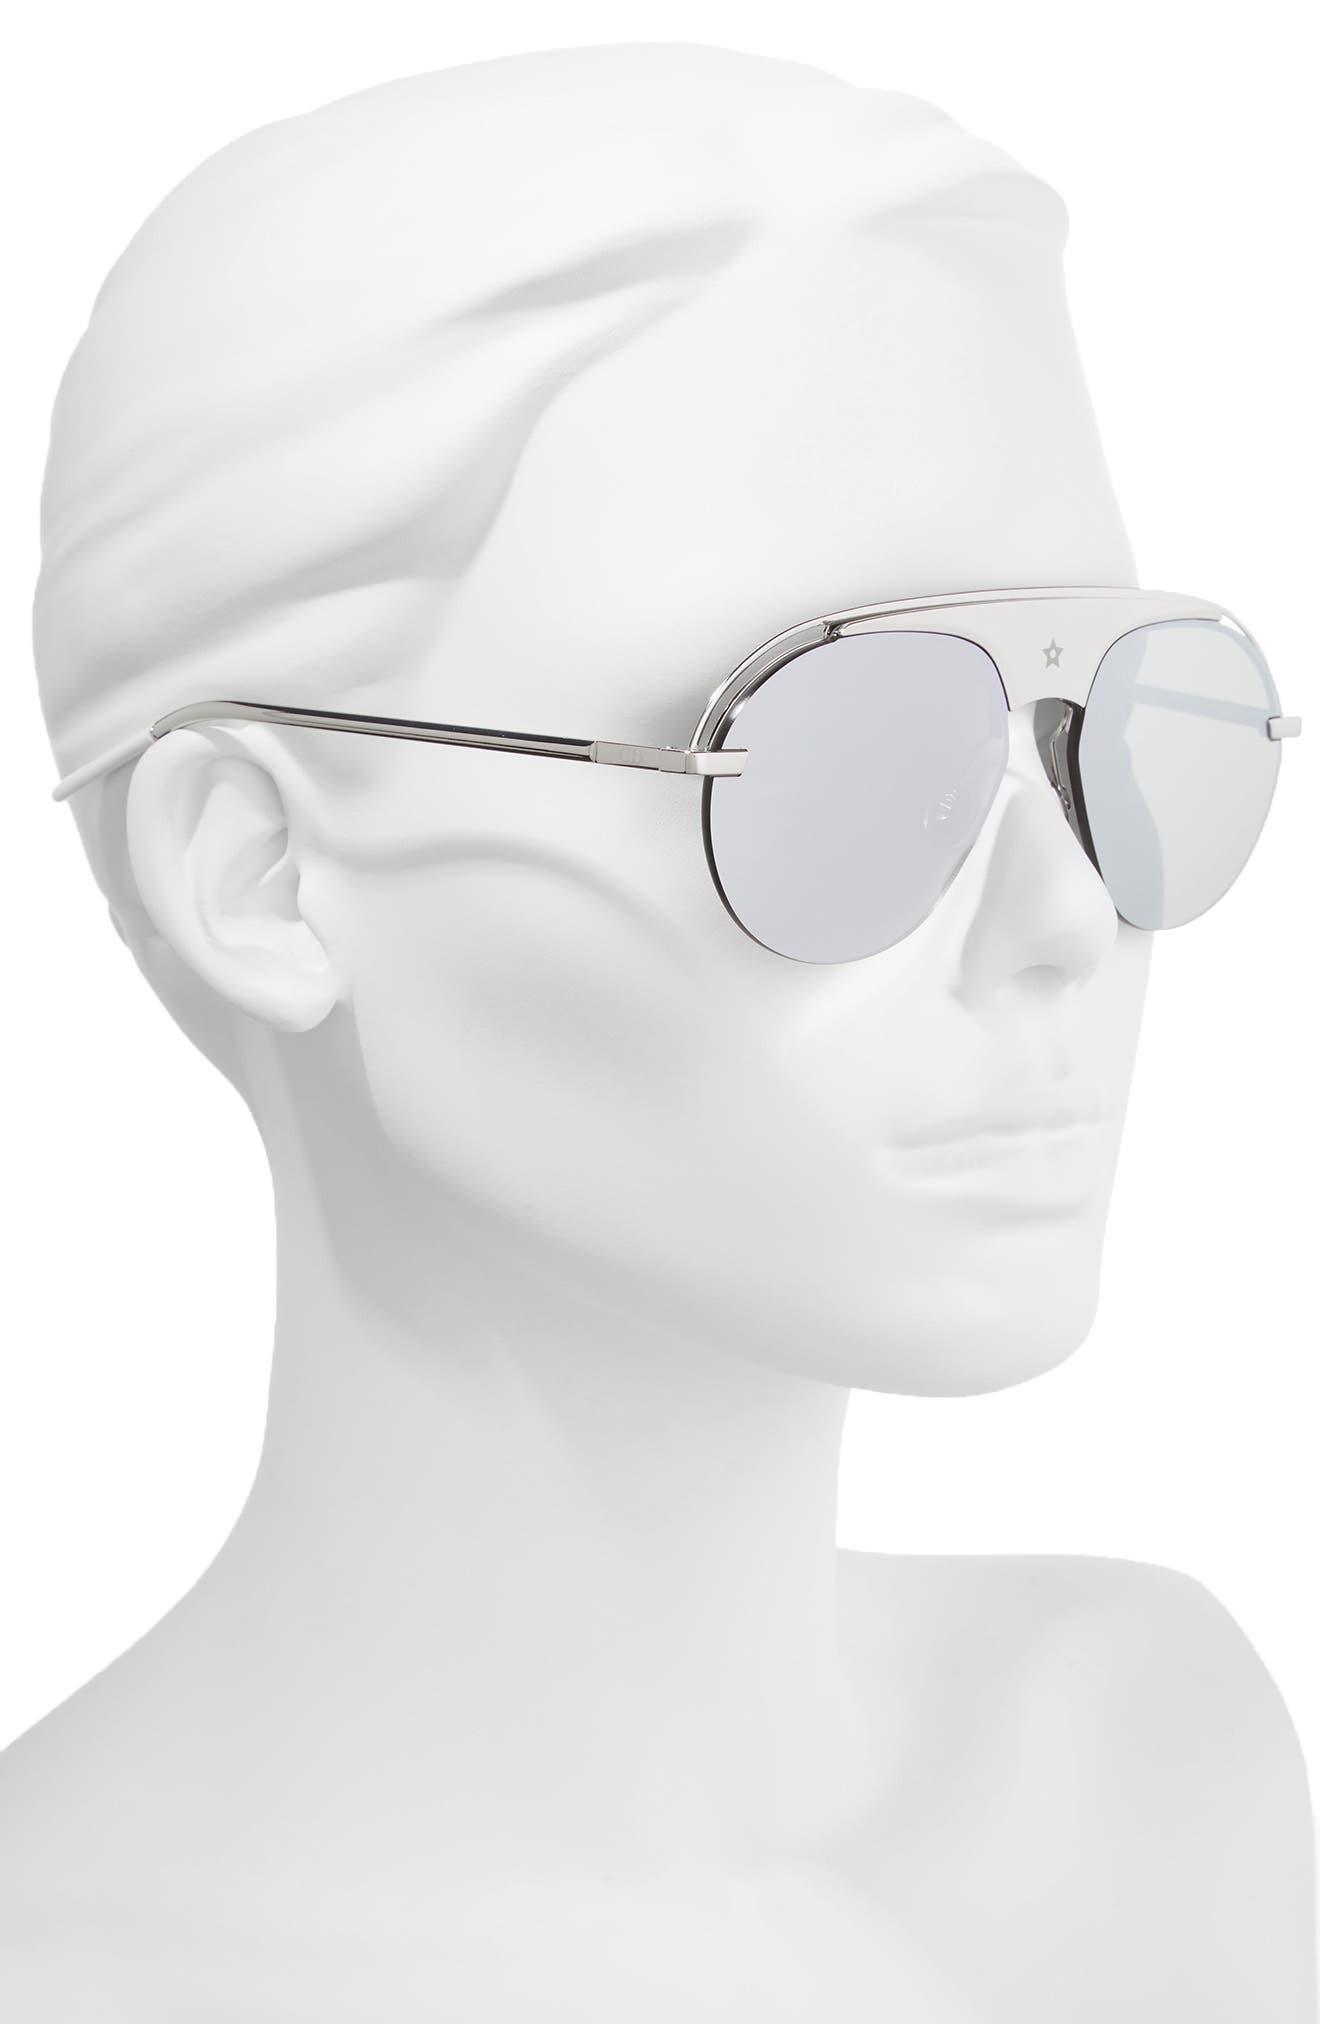 Evolution 2 60mm Aviator Sunglasses,                             Alternate thumbnail 2, color,                             043